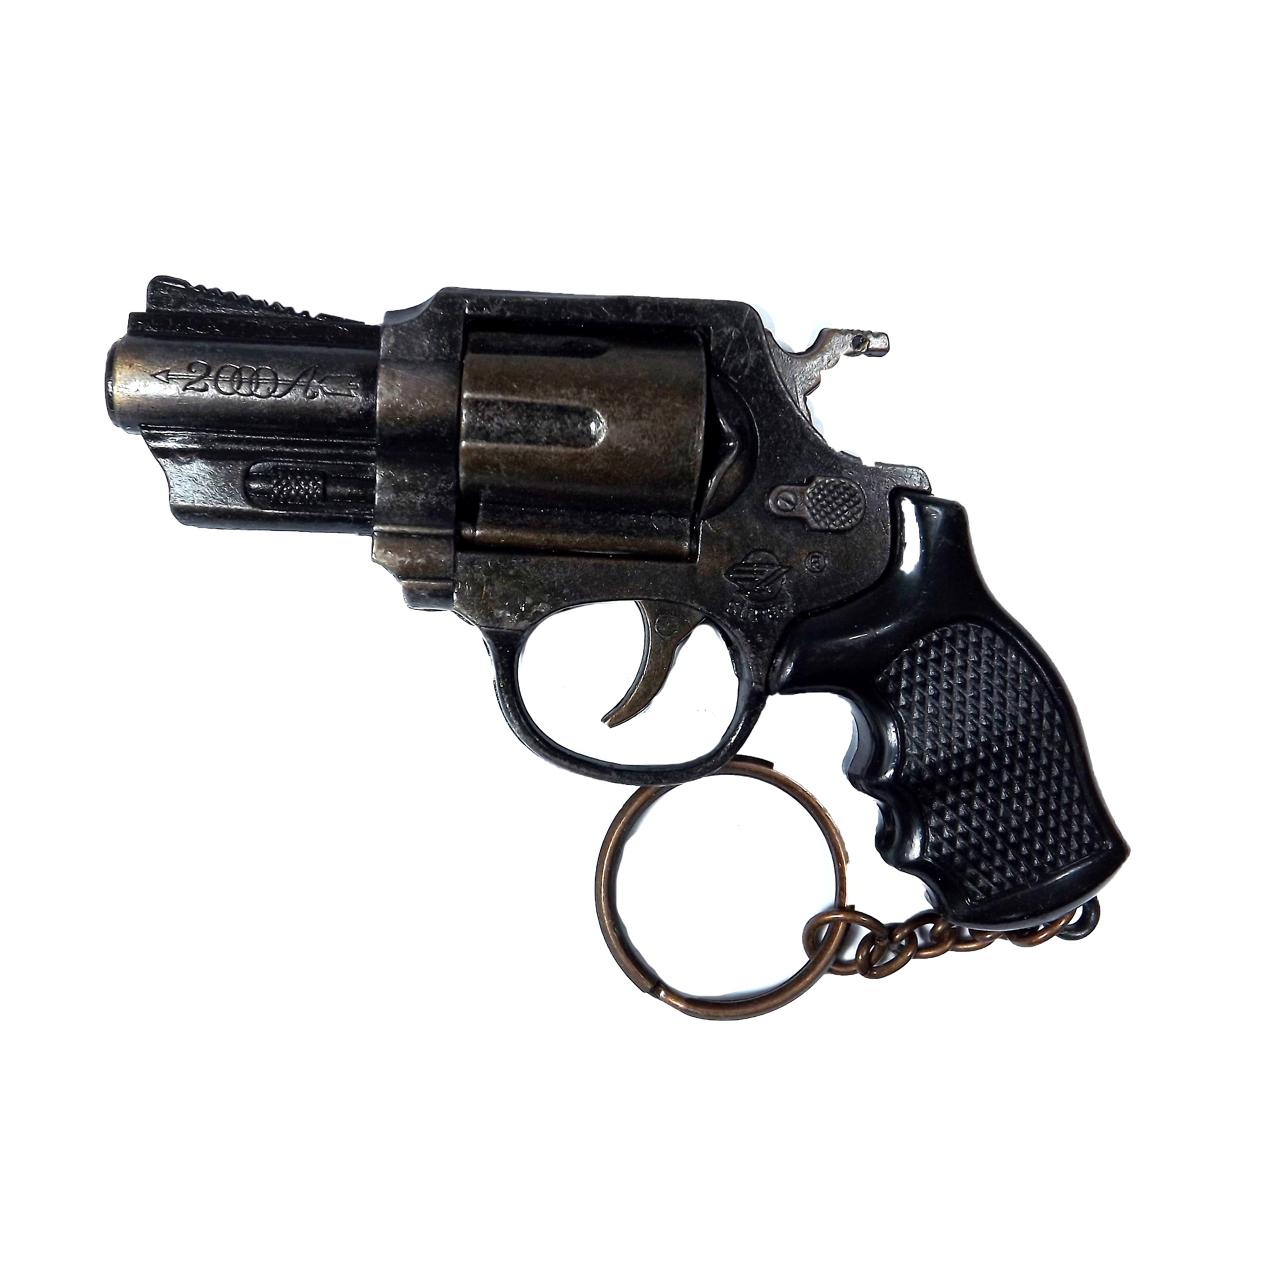 قیمت جاسوییچی طرح تفنگ ترقه ای فلزی مدل D.&.E.358